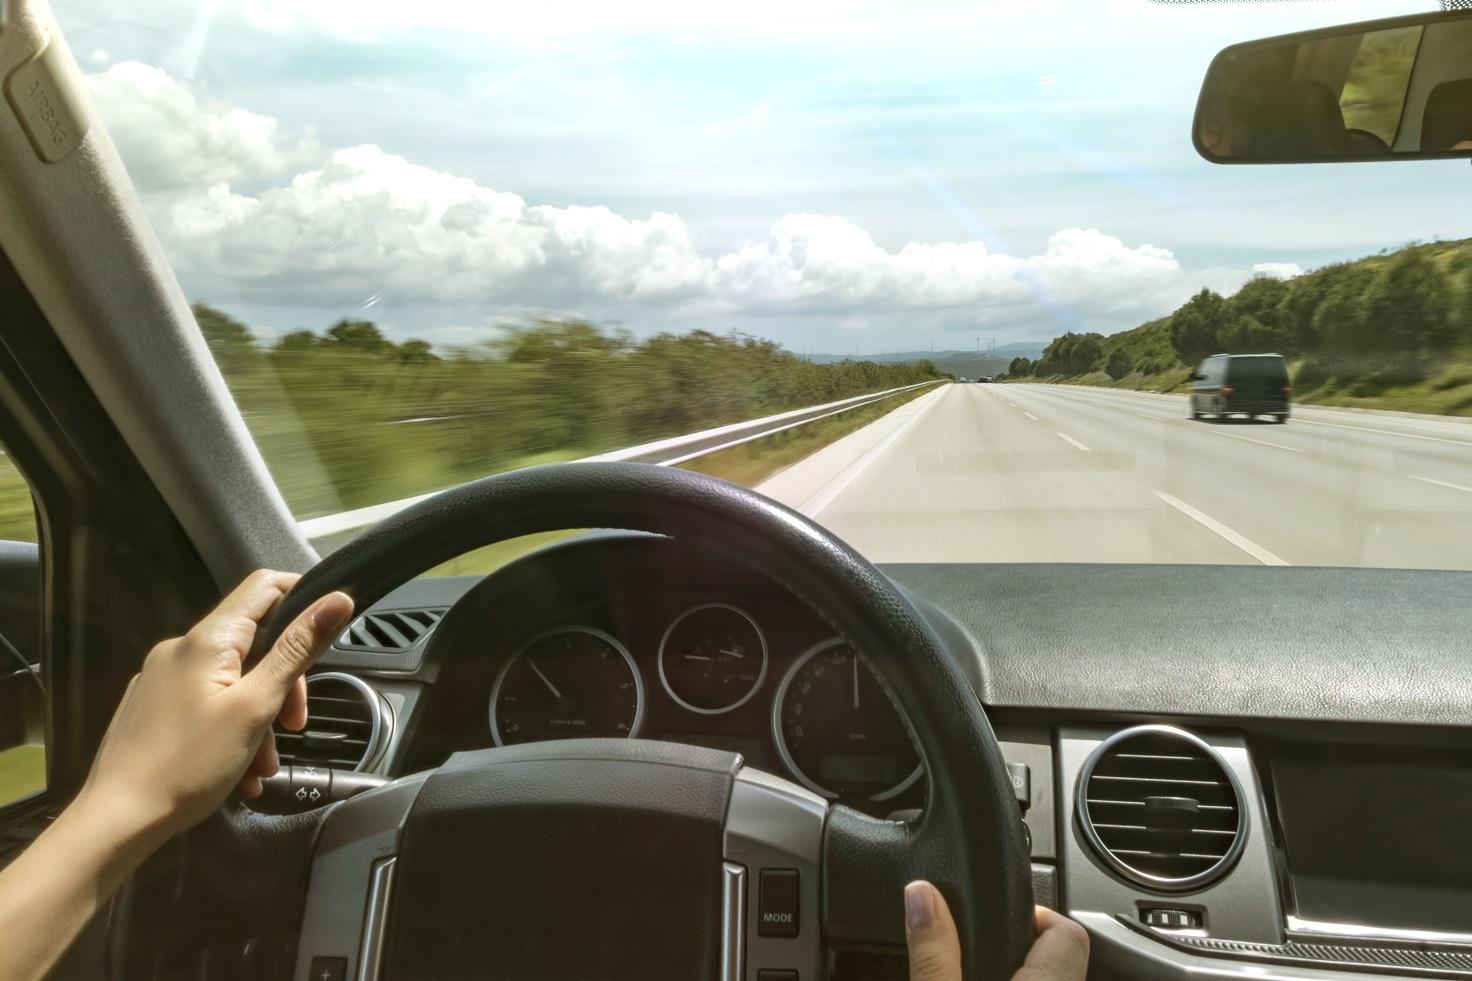 Фото: Как не уснуть за рулем: 5 способов сохранить бодрость